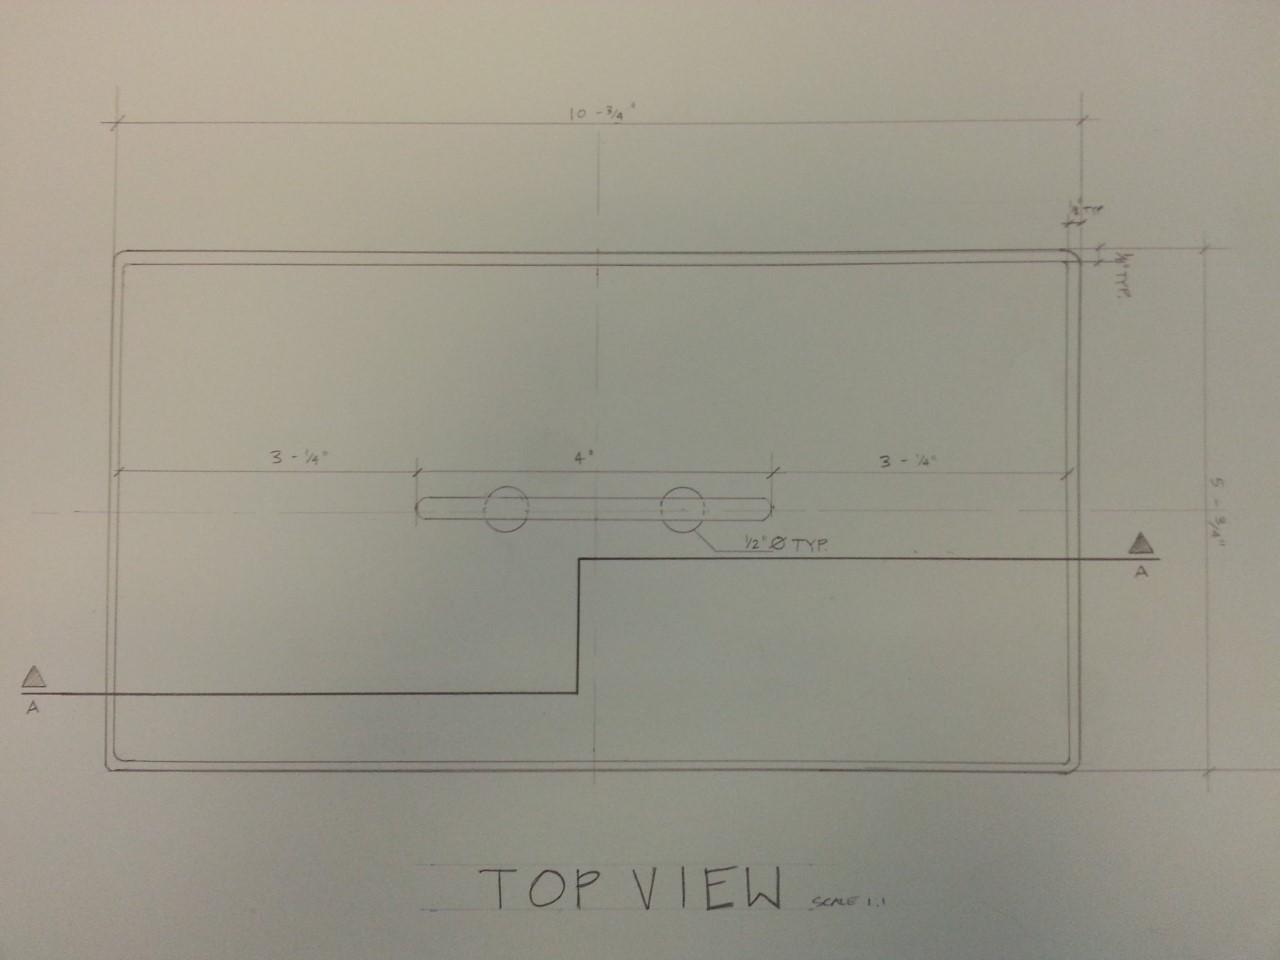 top-view-plan